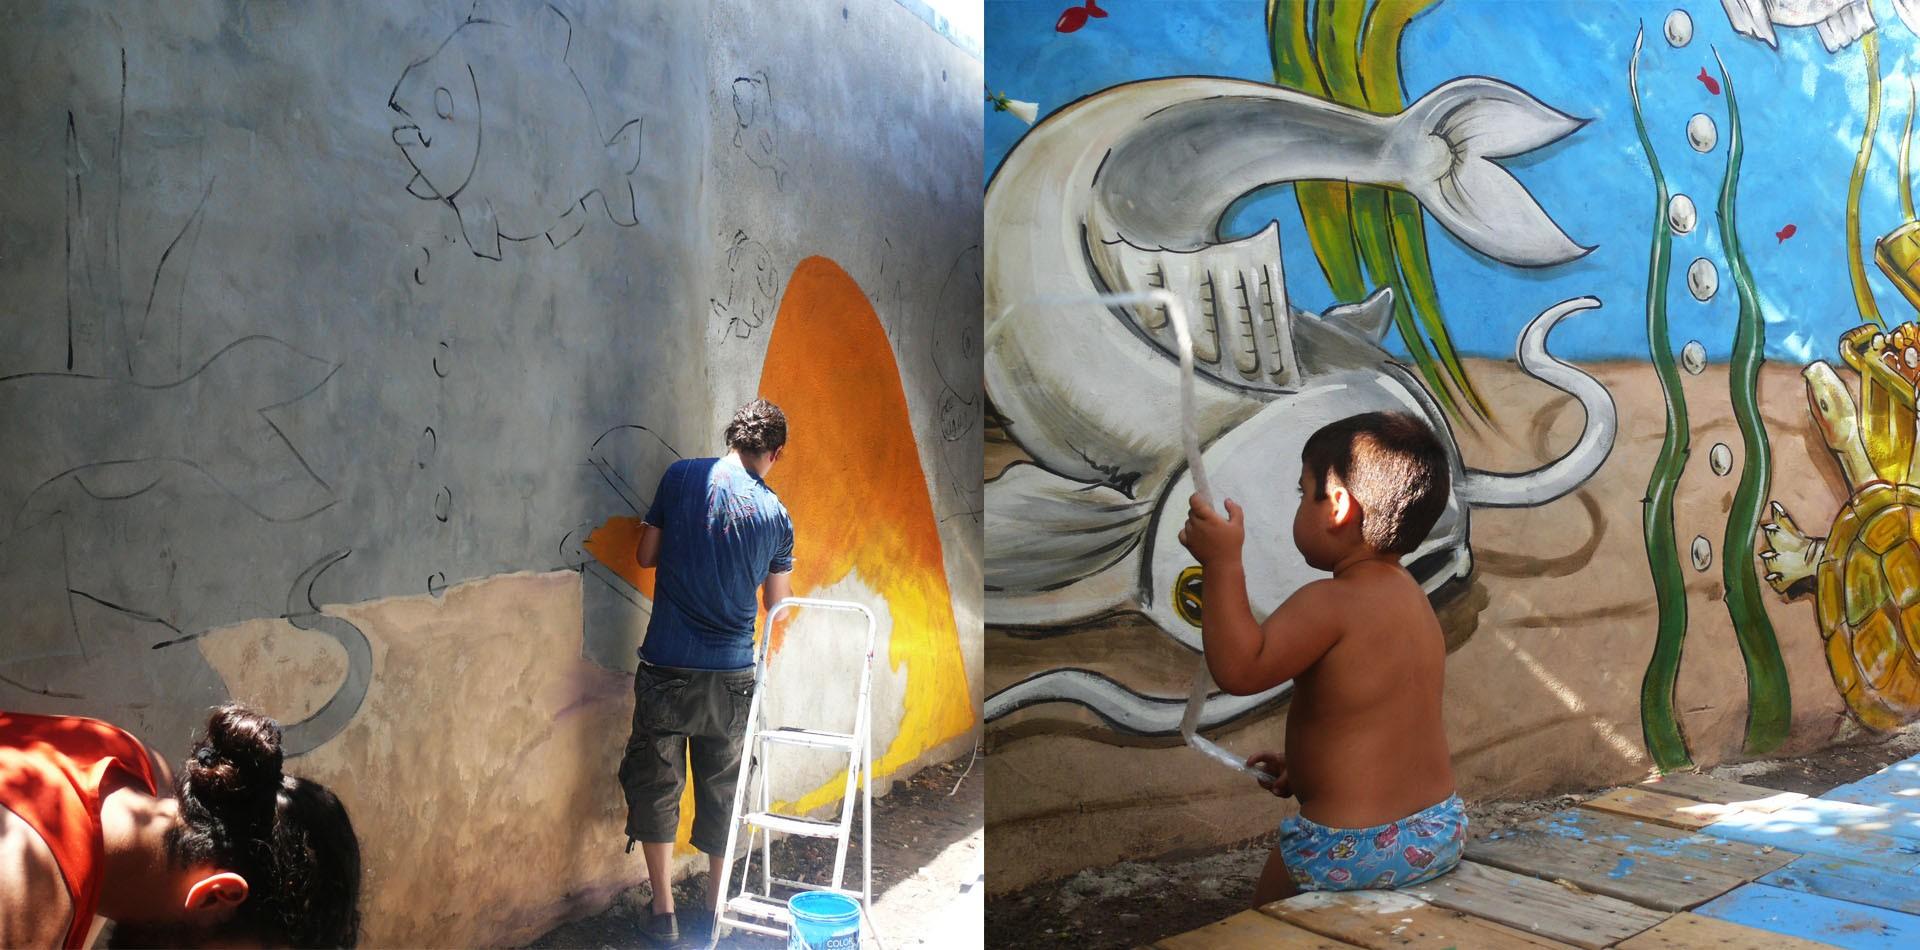 pintores_valen-a2fd9ebbcb